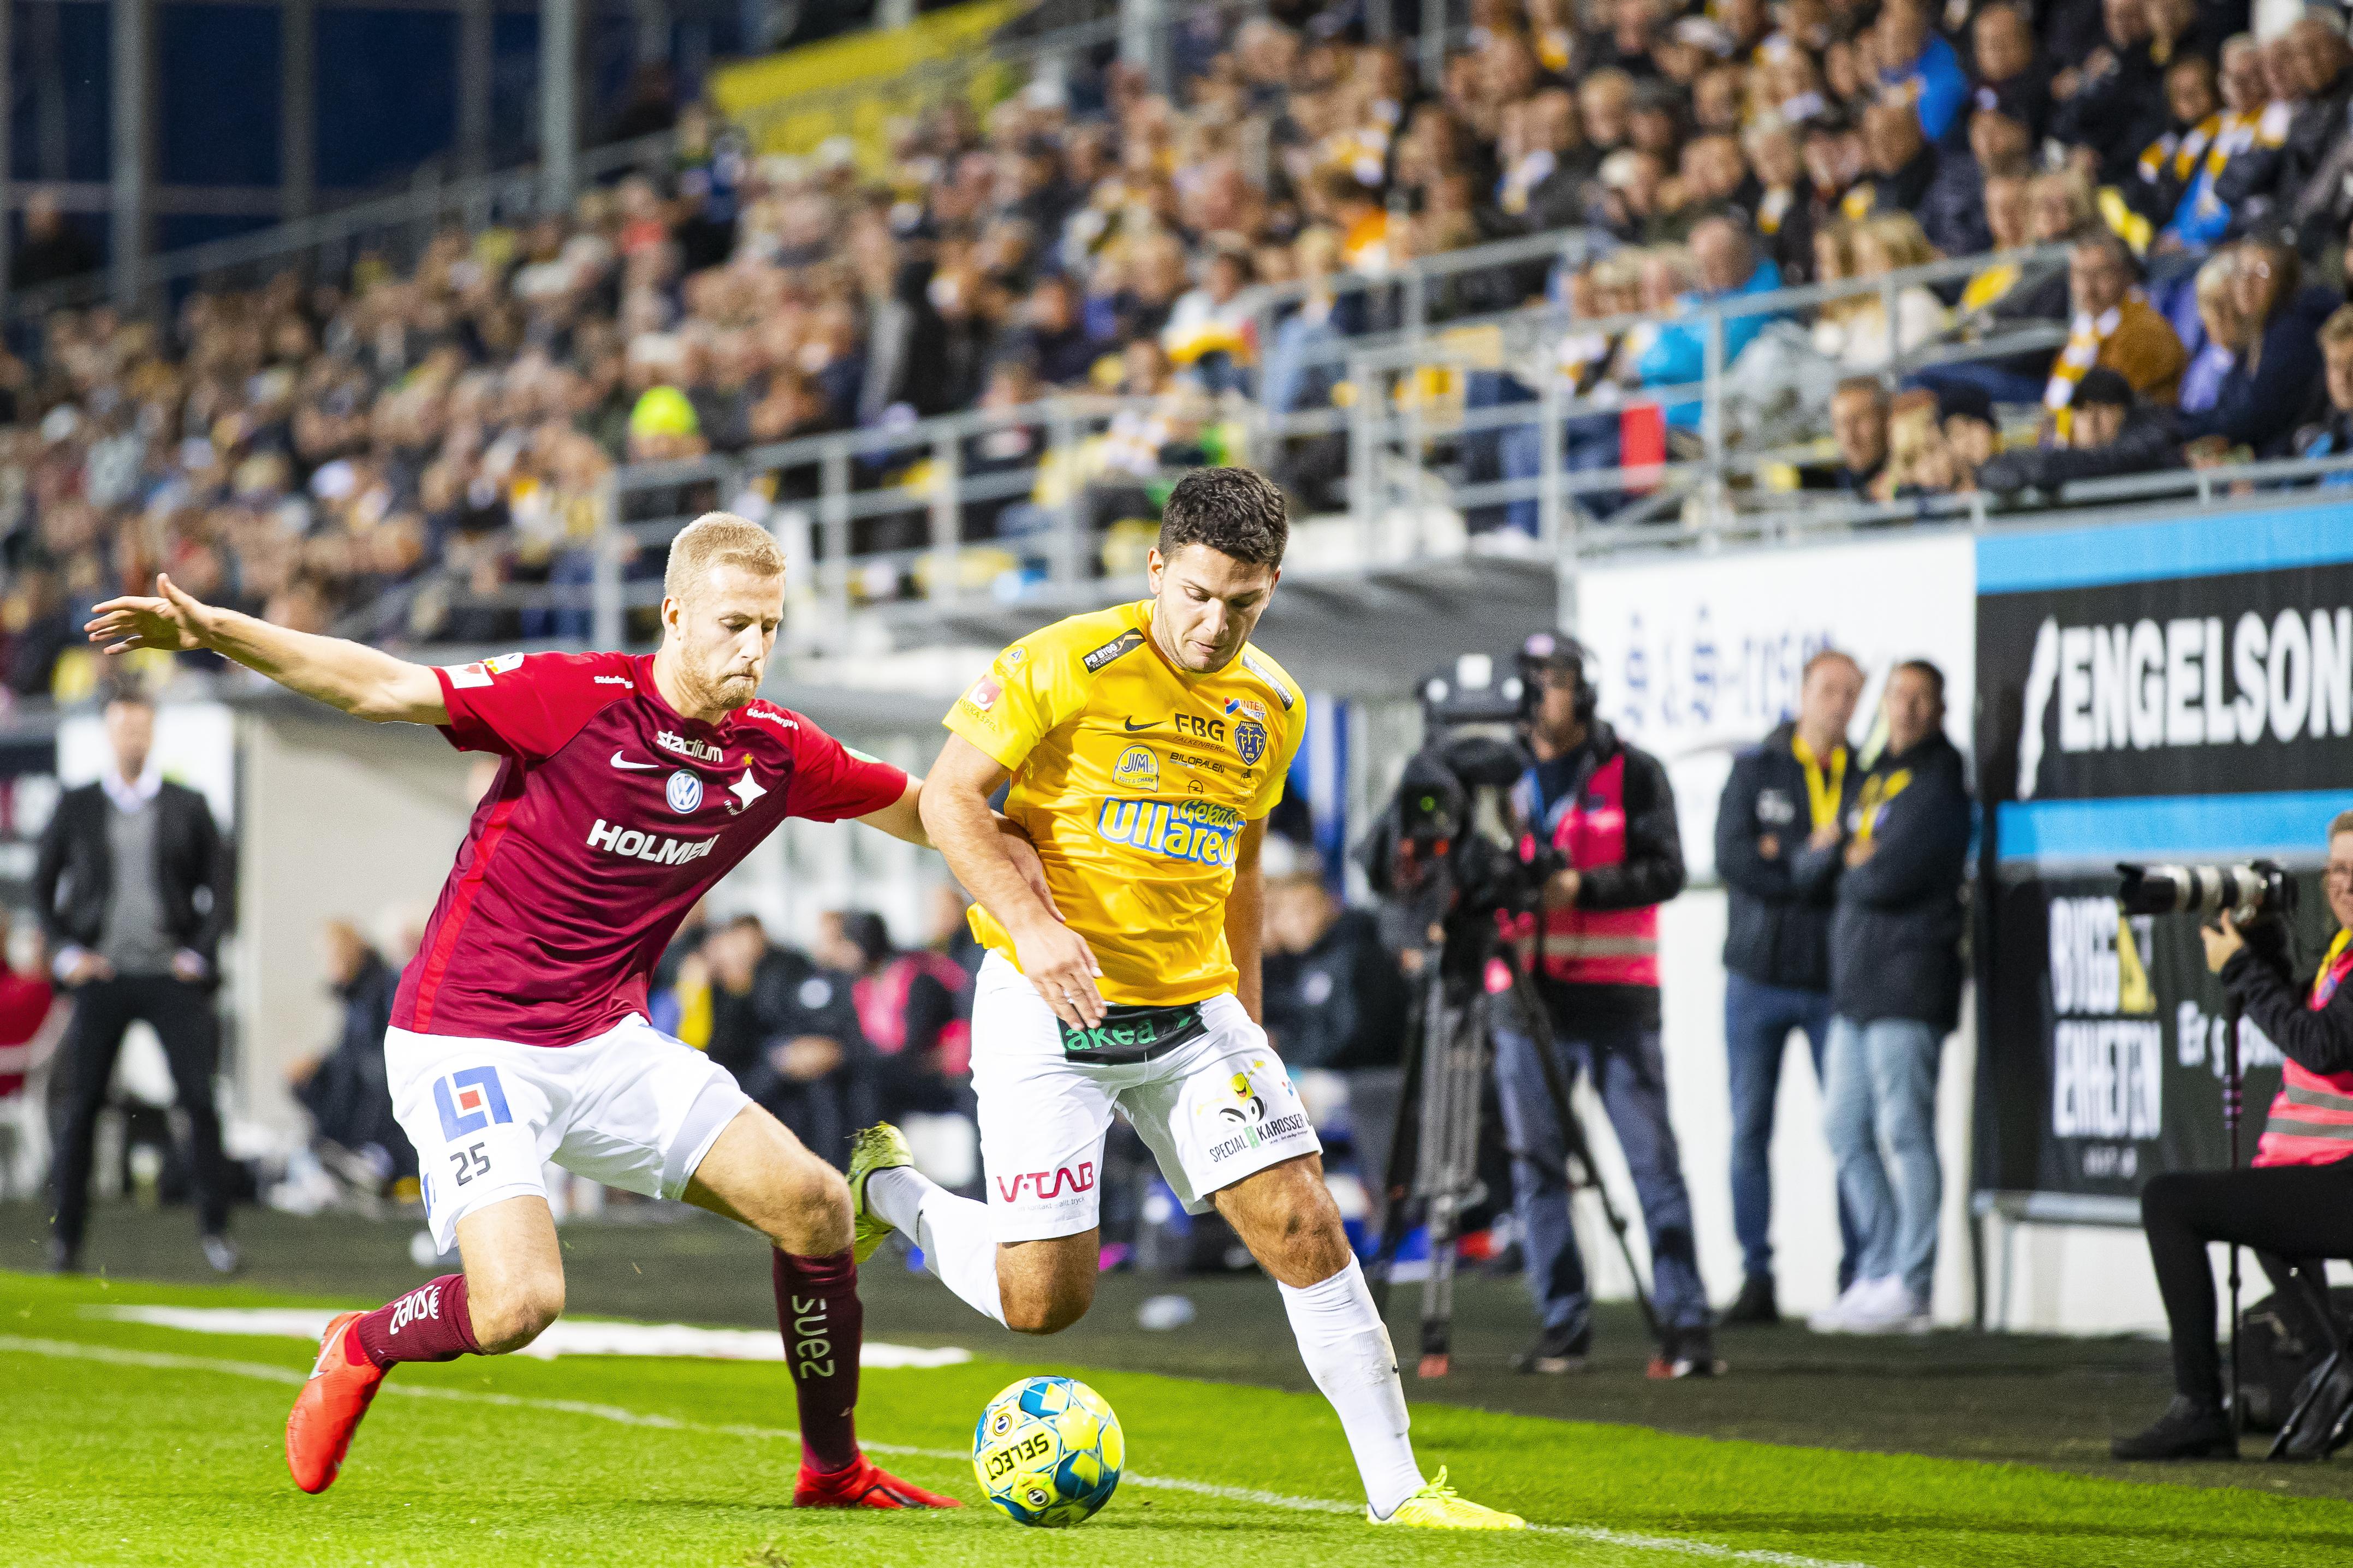 Blytung förlust mot IFK Norrköping